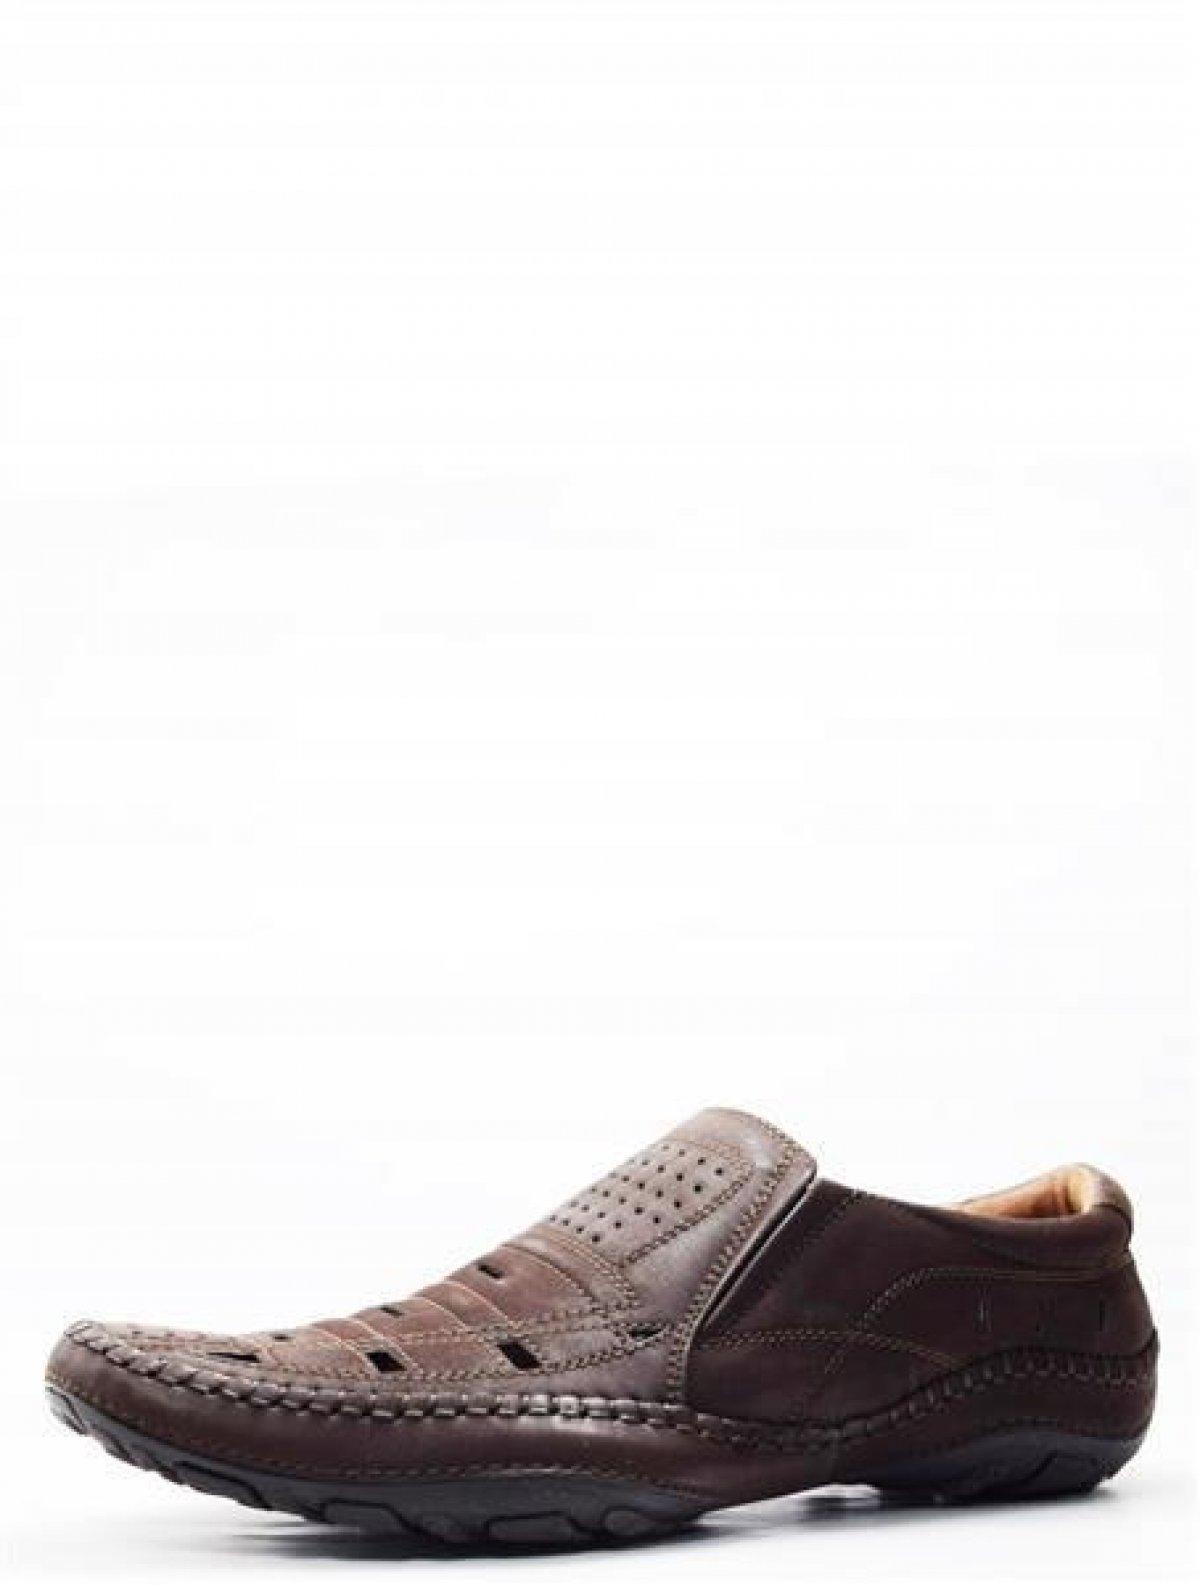 117221-5 туфли мужские